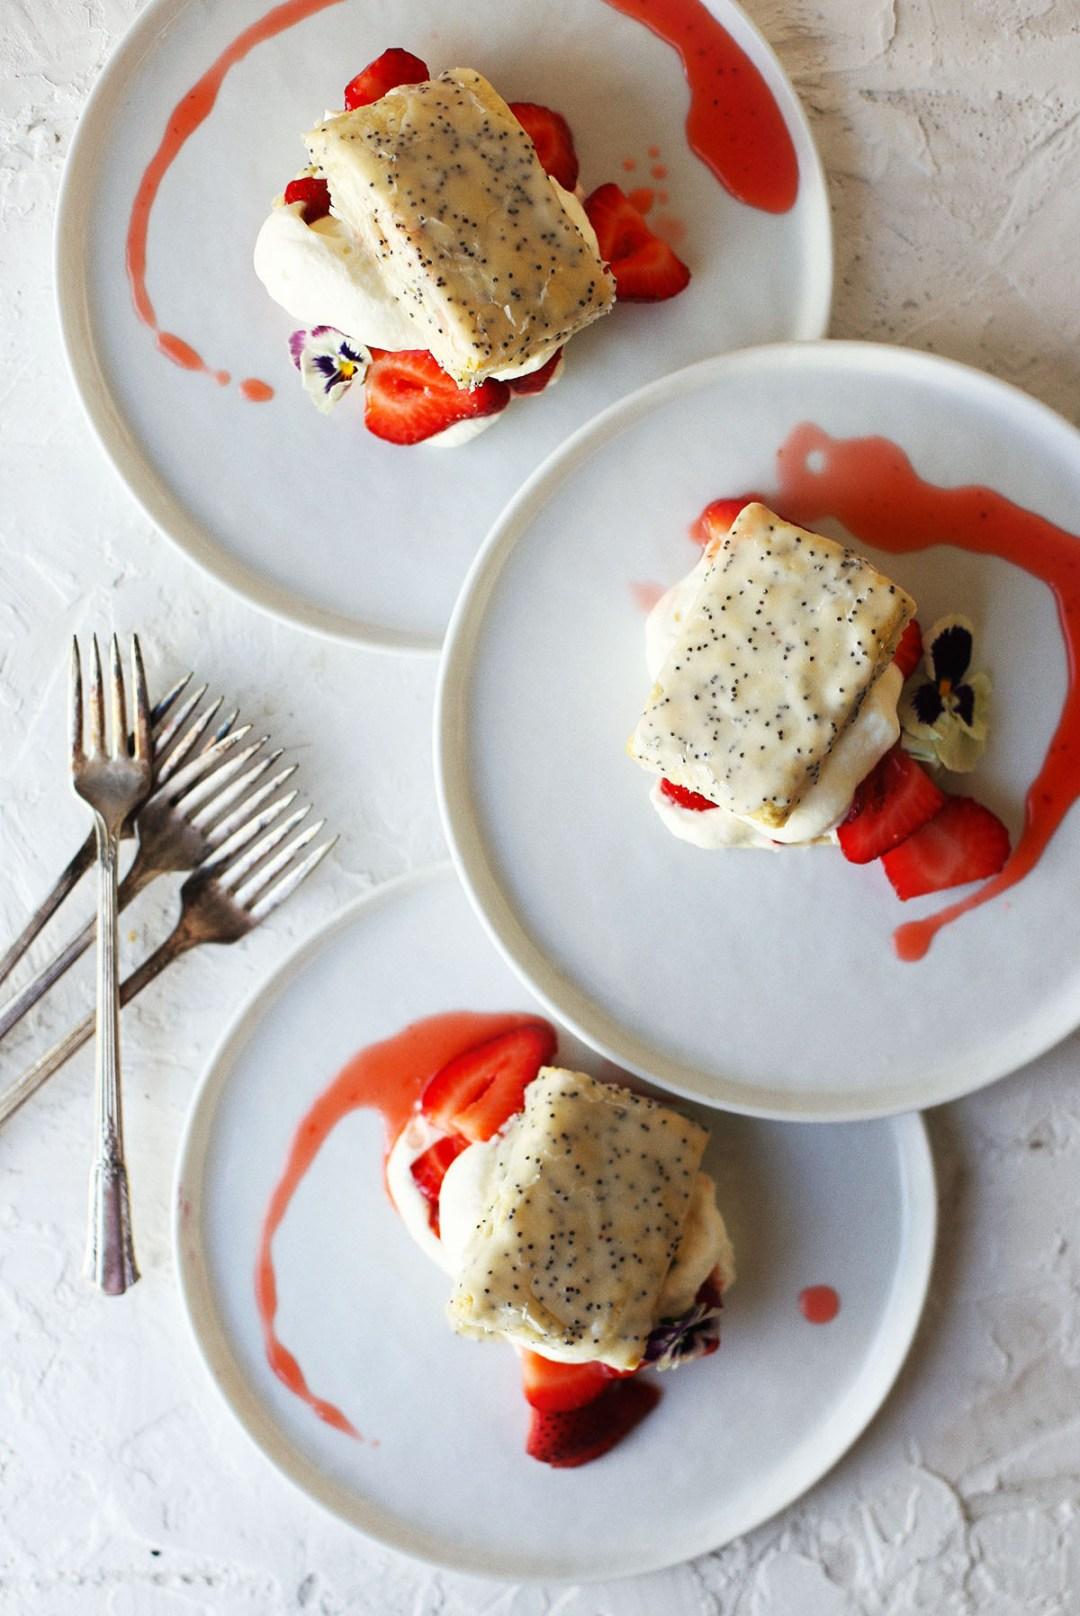 Lemon Poppy Seed Strawberry Shortcake